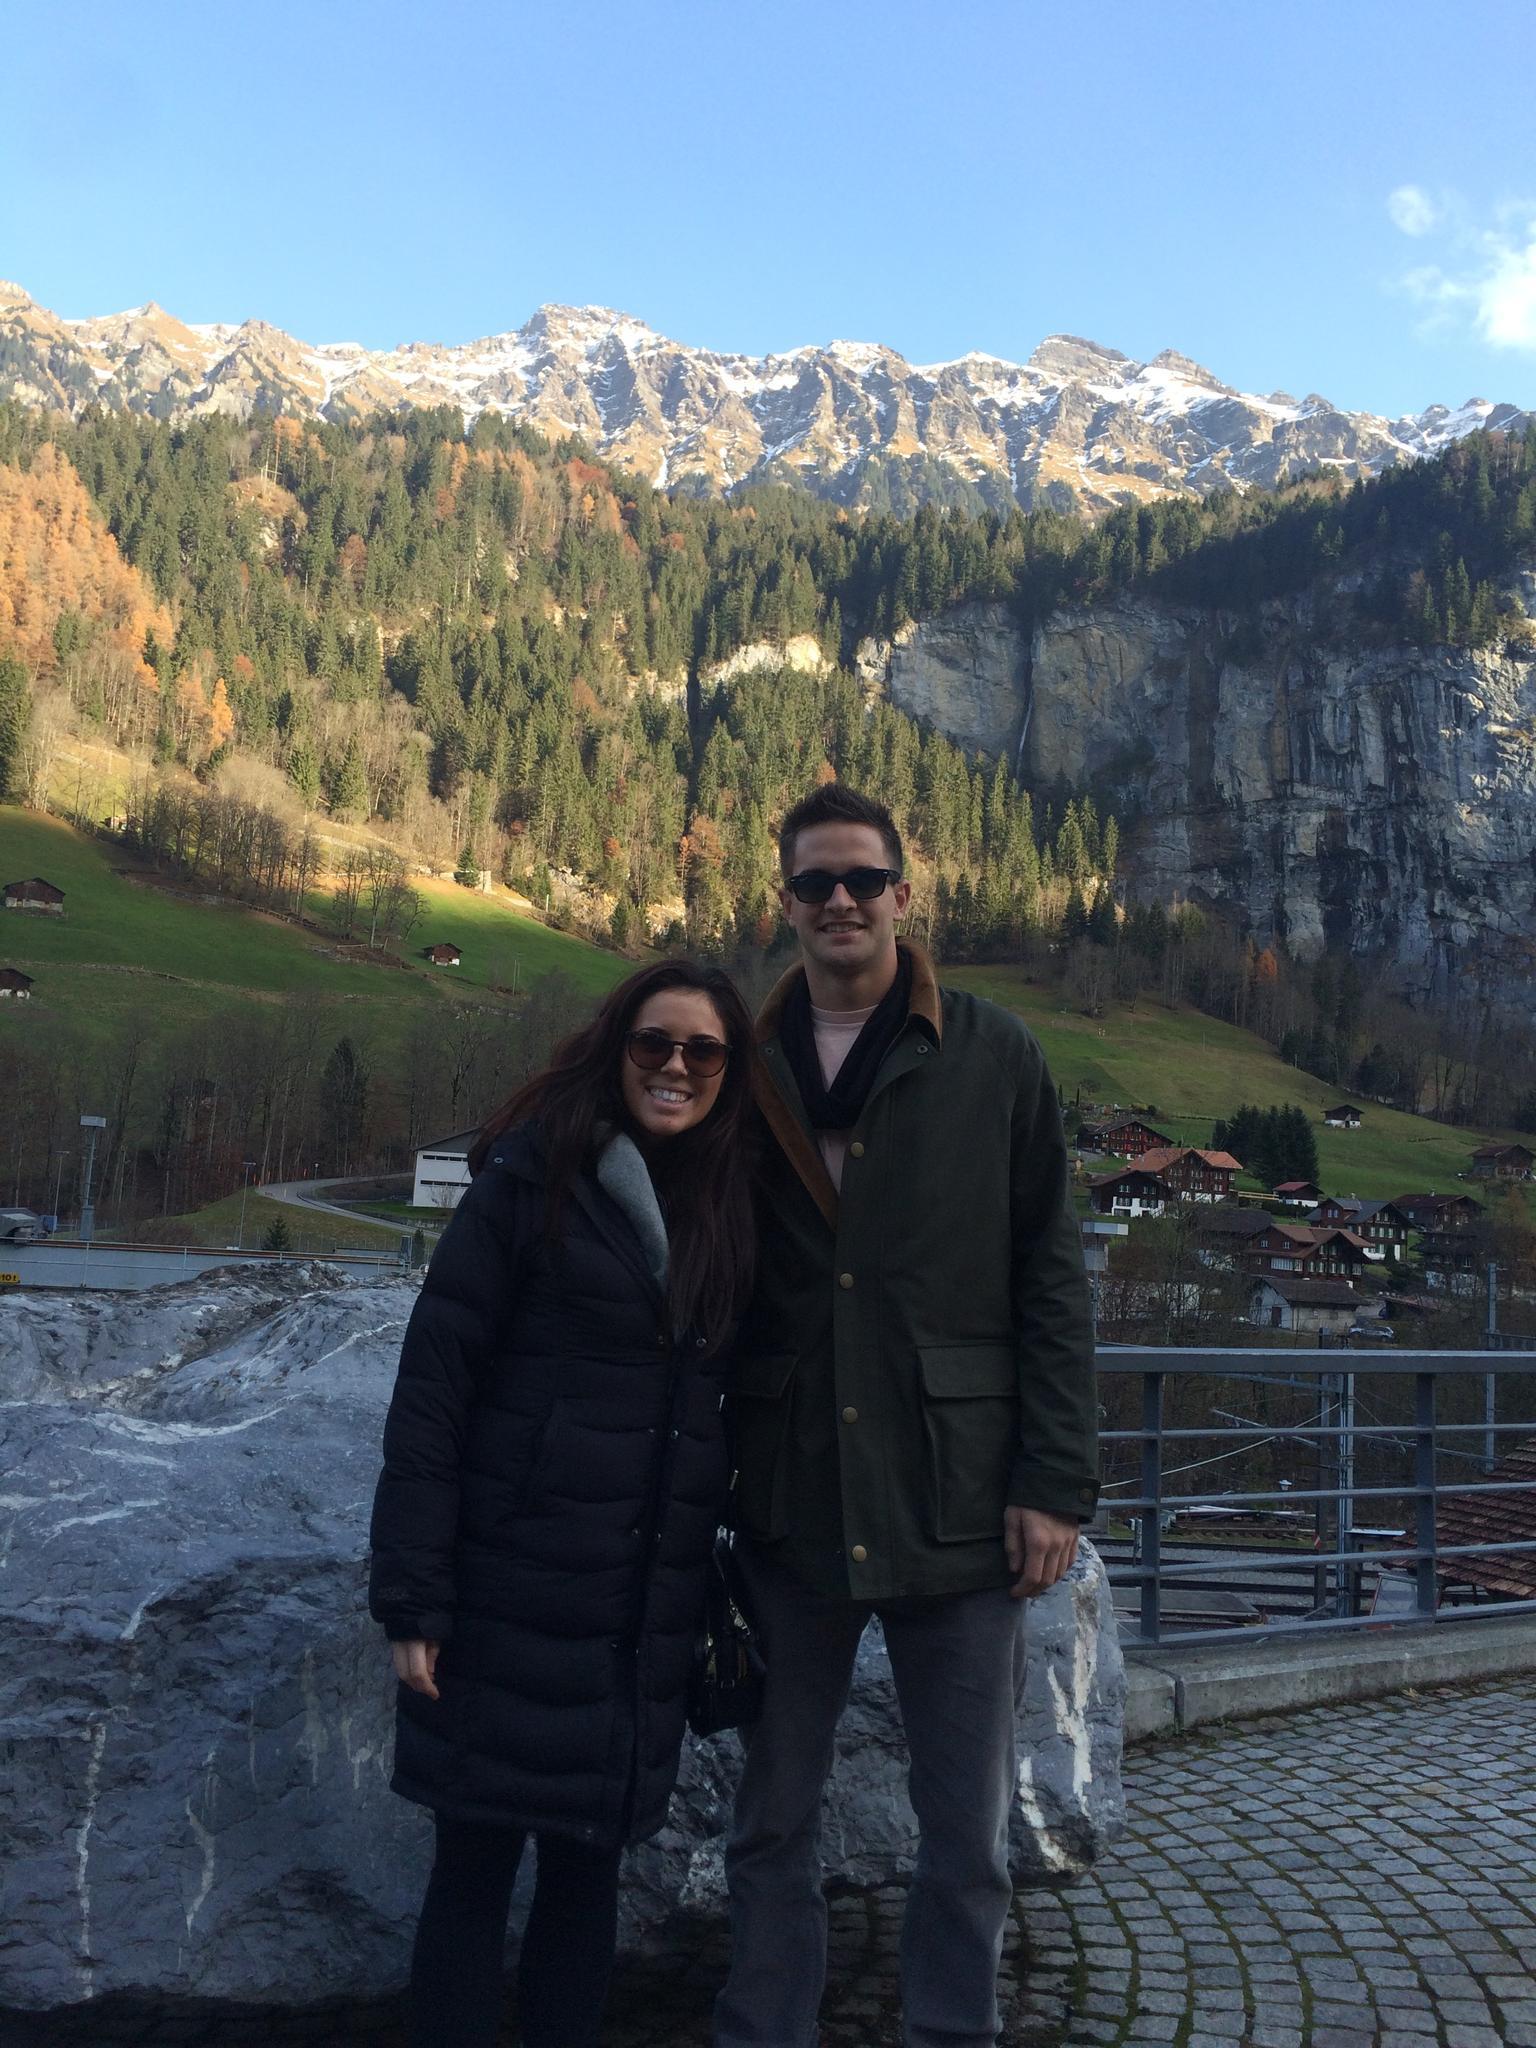 Scott and Taylor during their trip to Interlaken, Switzerland, 2014.